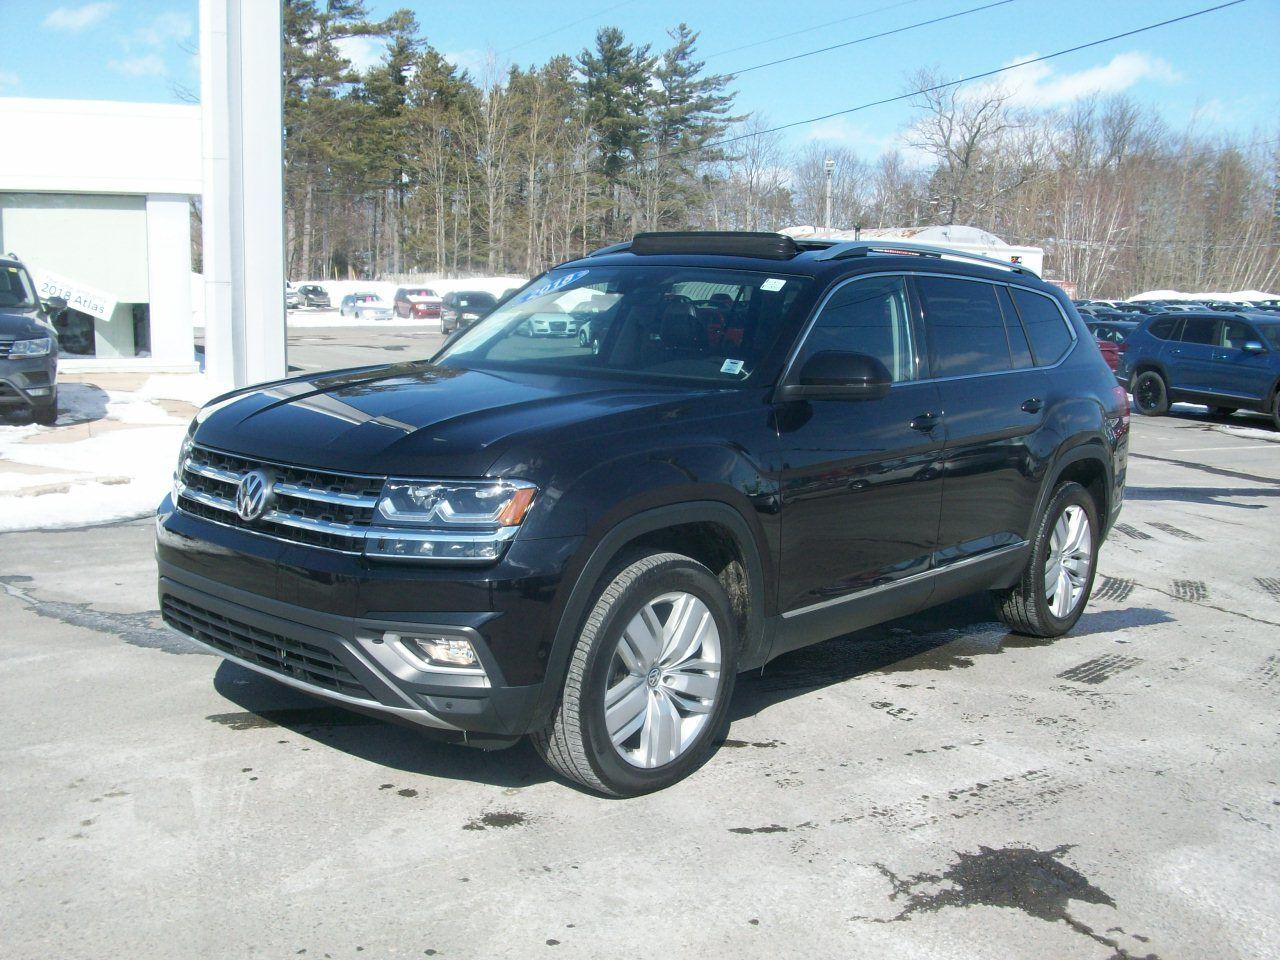 Used 2018 Volkswagen Atlas Execline Black 36 424 Km For Sale 0 0 Valley Volkswagen 19 021